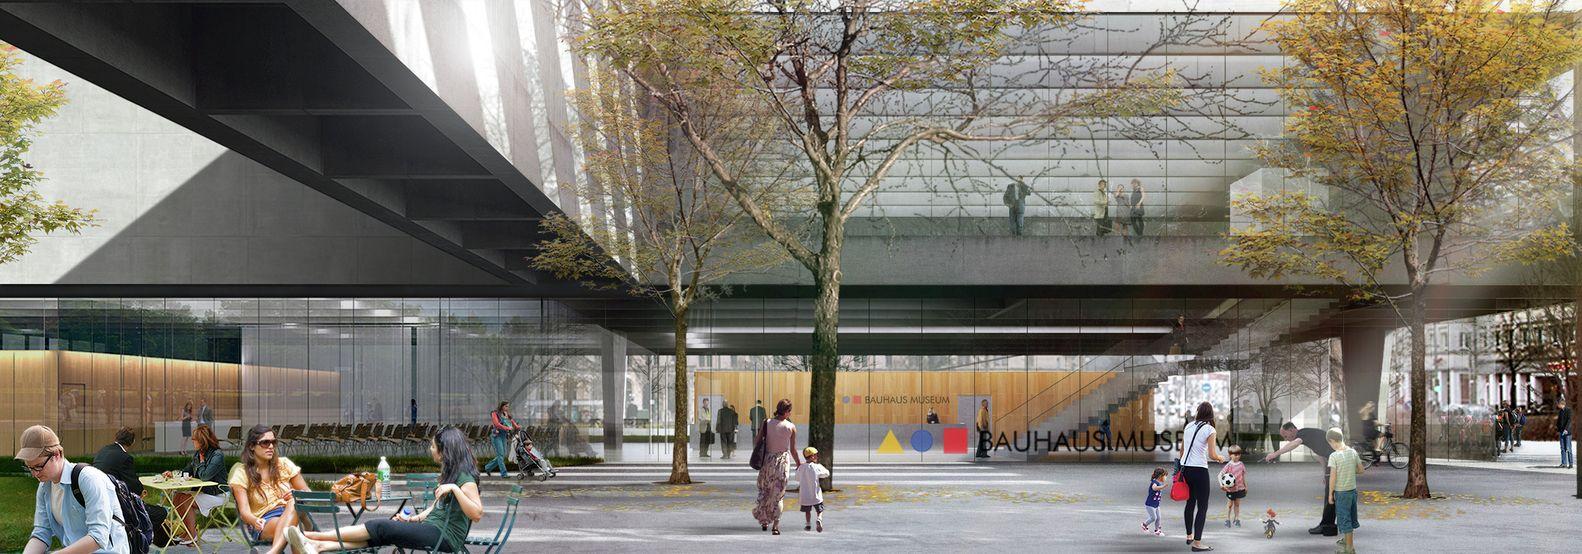 Galeria - Proposta finalista para o Museu Bauhaus faz uma ponte entre a cidade e o parque - 13